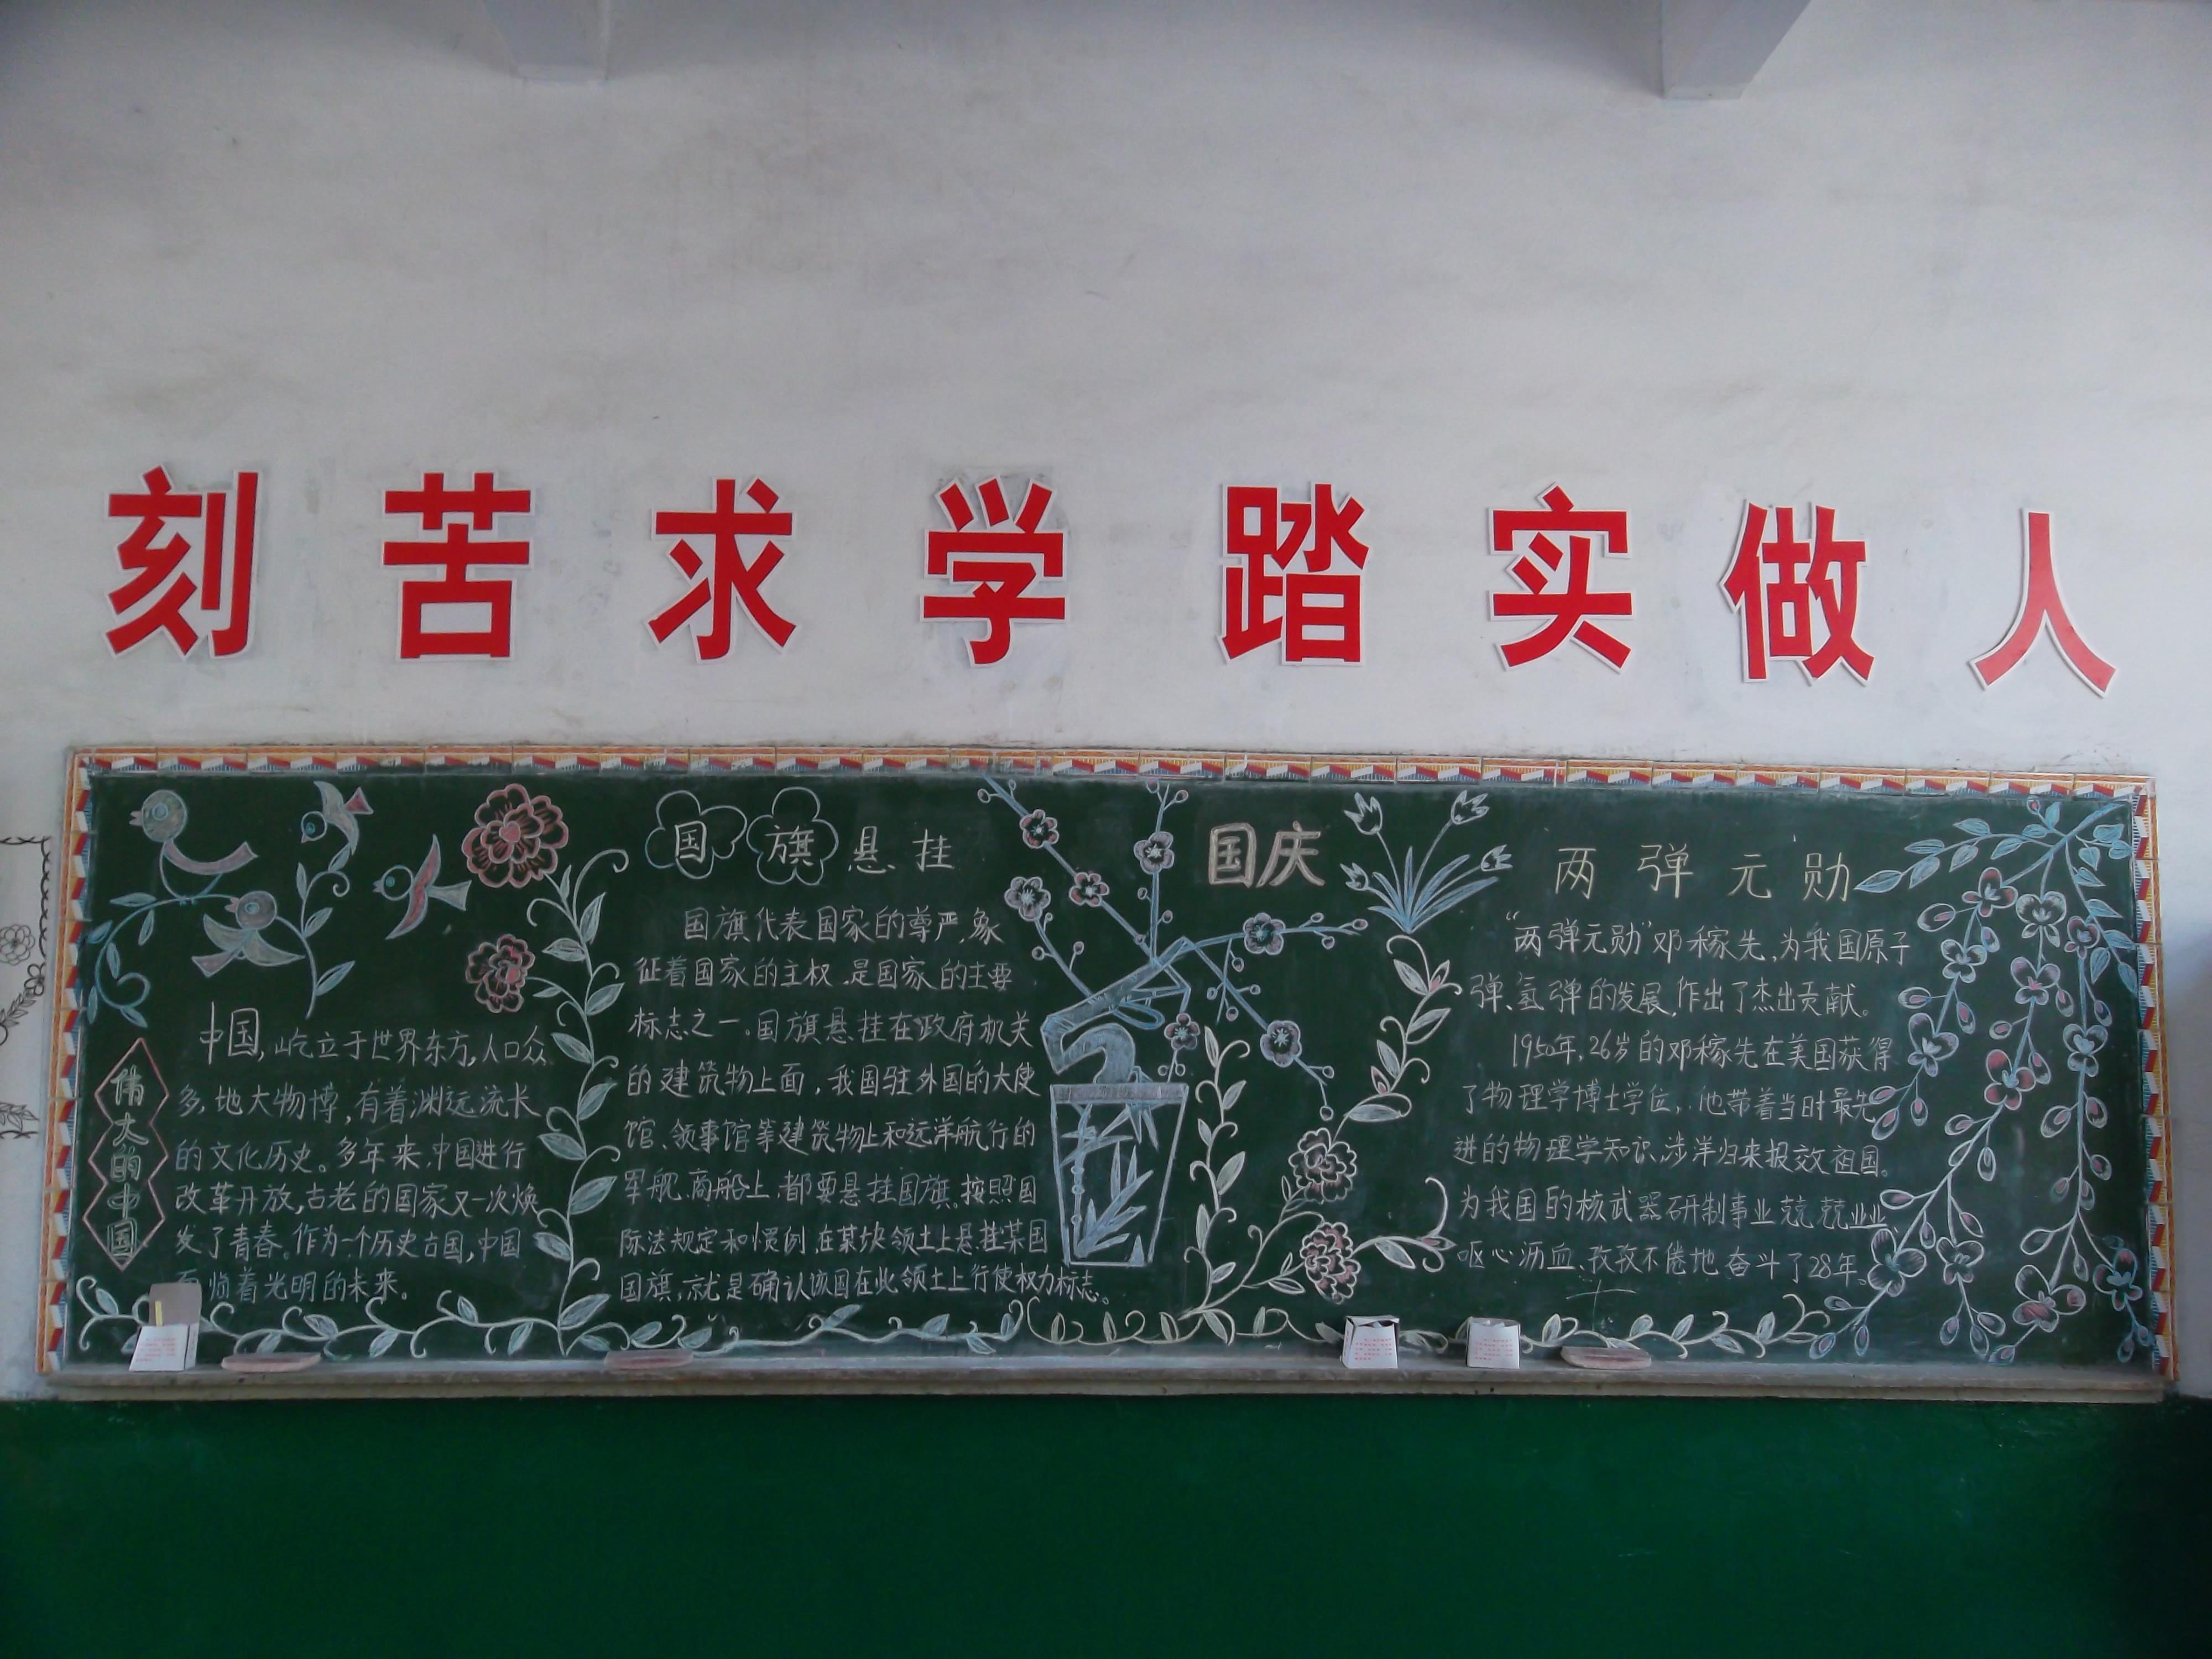 庆国庆黑板报 - 案例上传